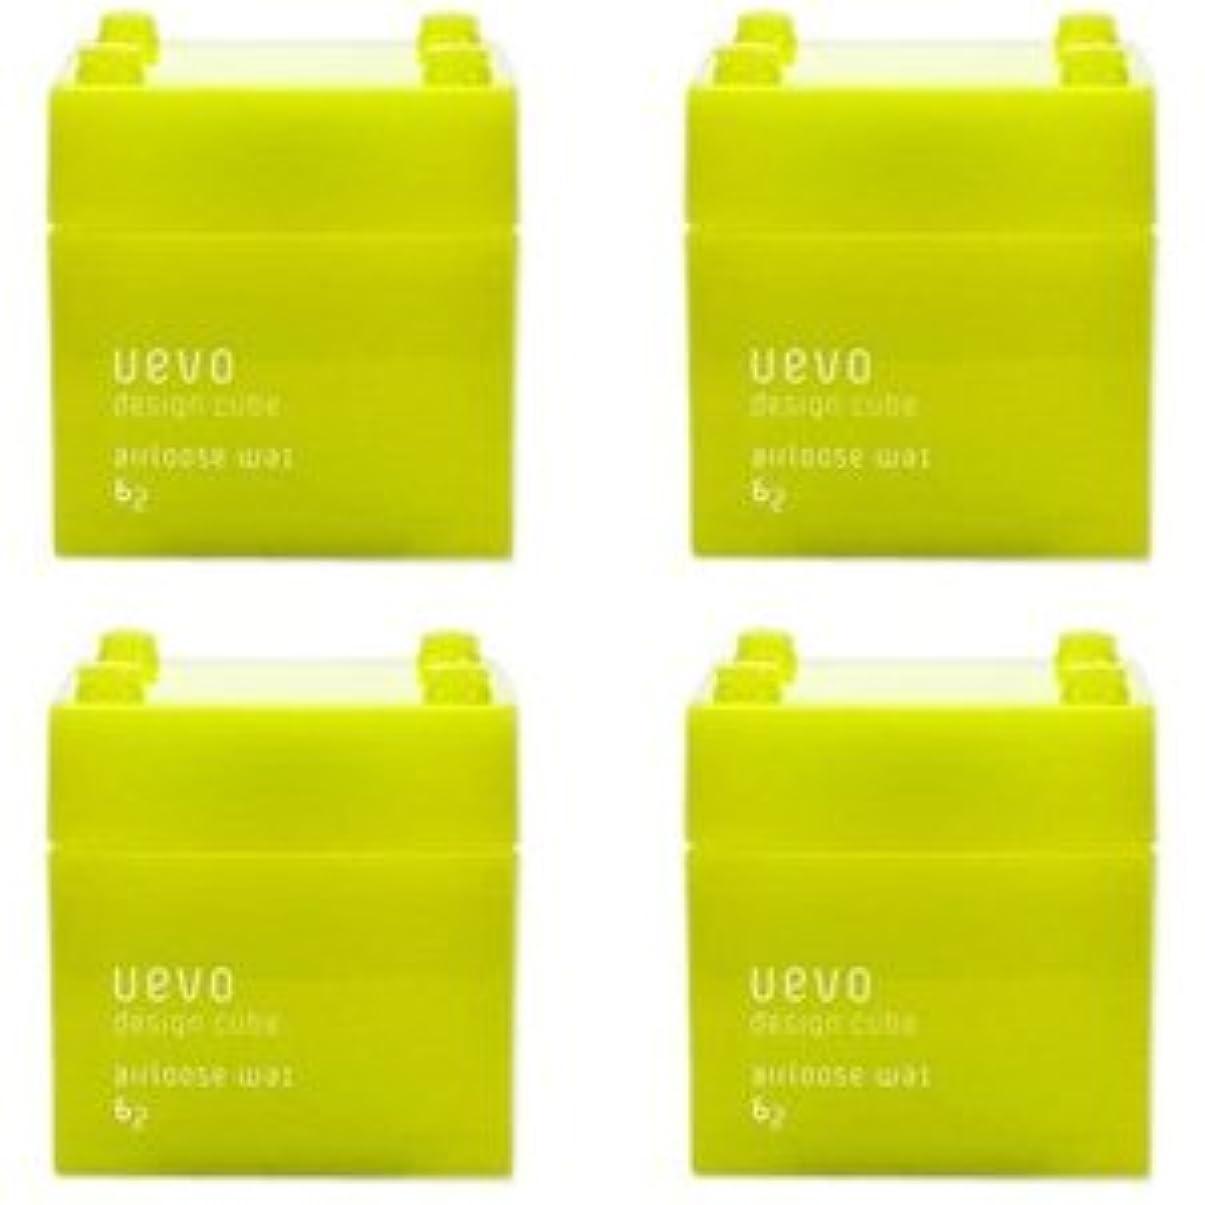 調整するミキサー悪い【X4個セット】 デミ ウェーボ デザインキューブ エアルーズワックス 80g airloose wax DEMI uevo design cube